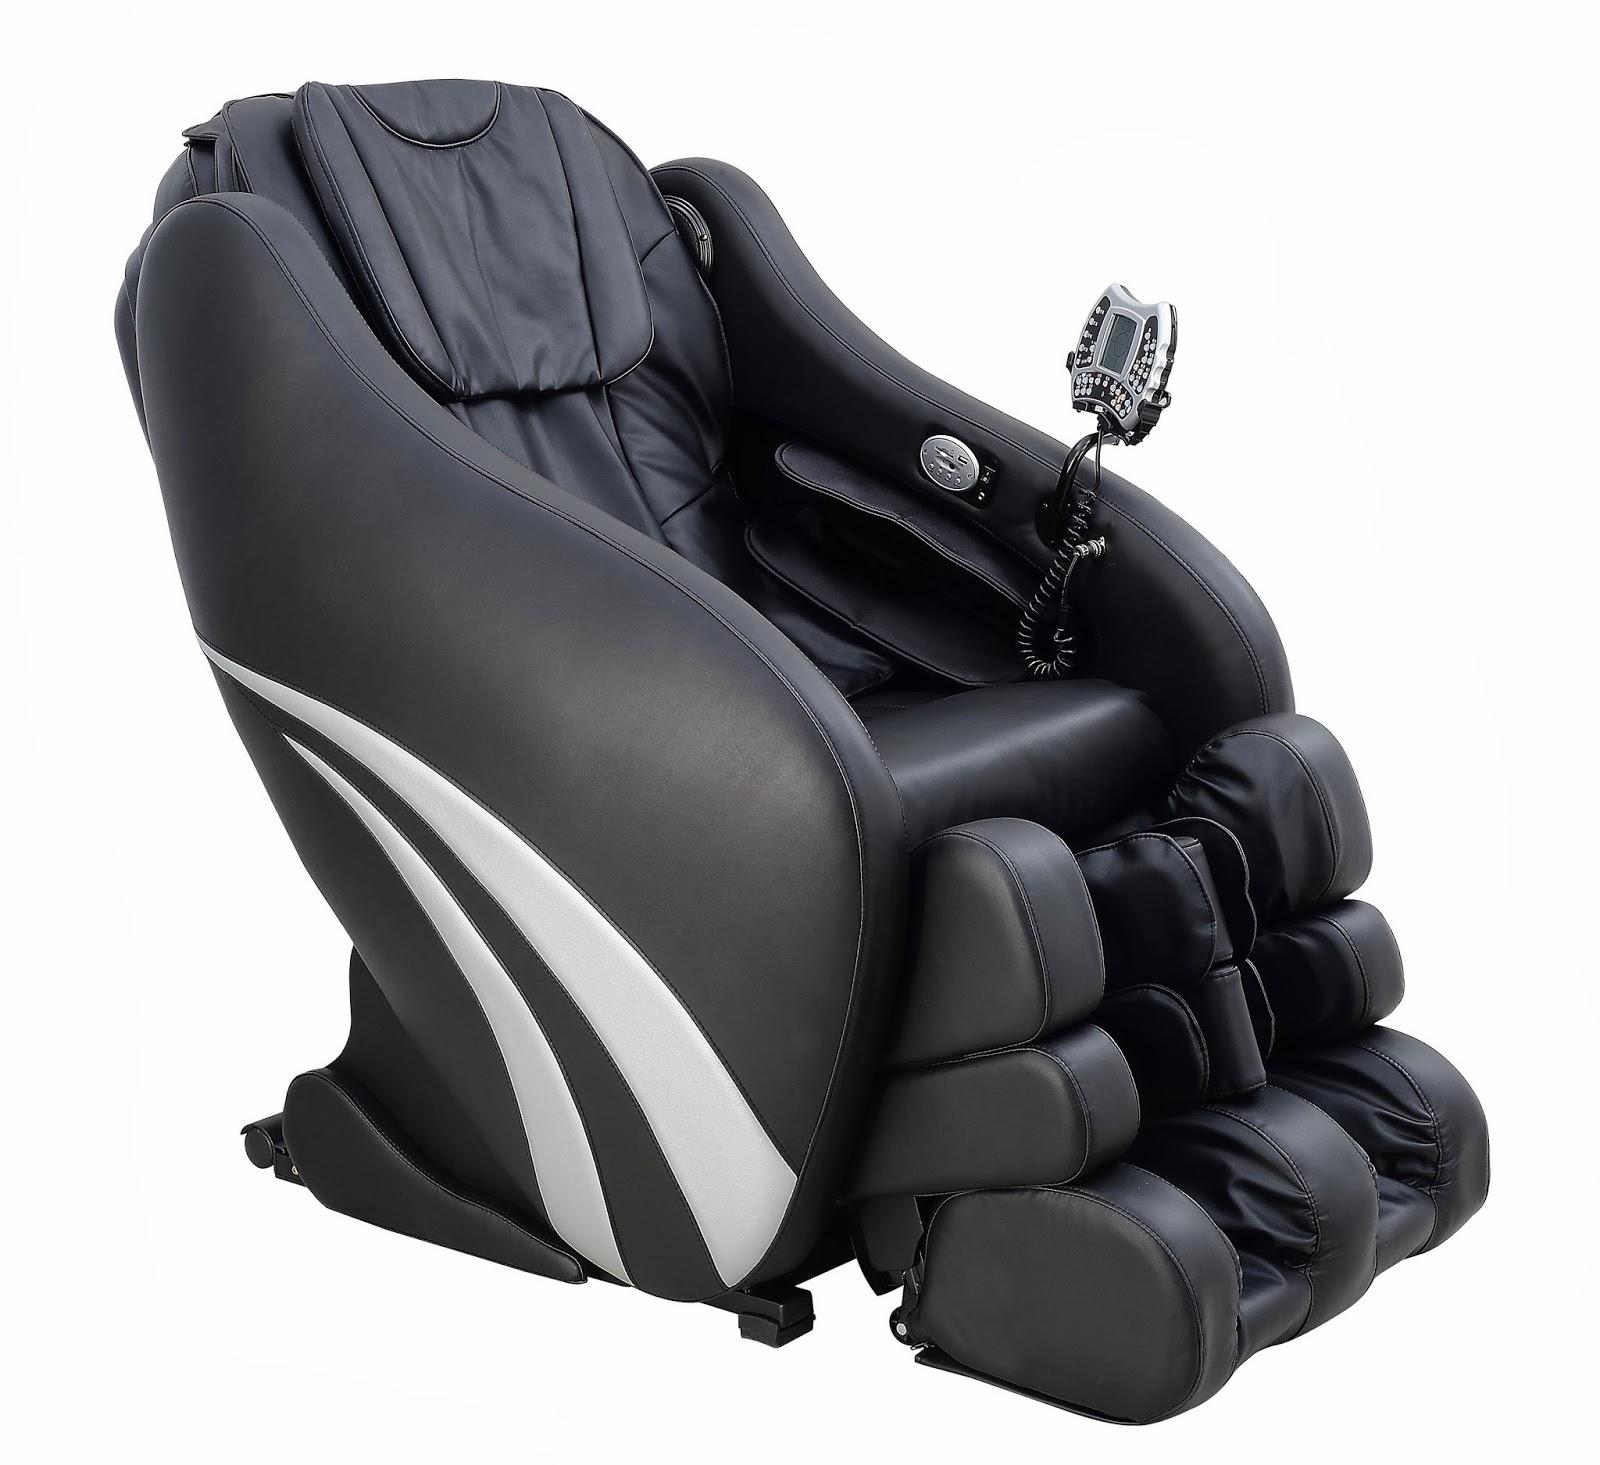 keyton massagesessel test und vergleich 2013. Black Bedroom Furniture Sets. Home Design Ideas